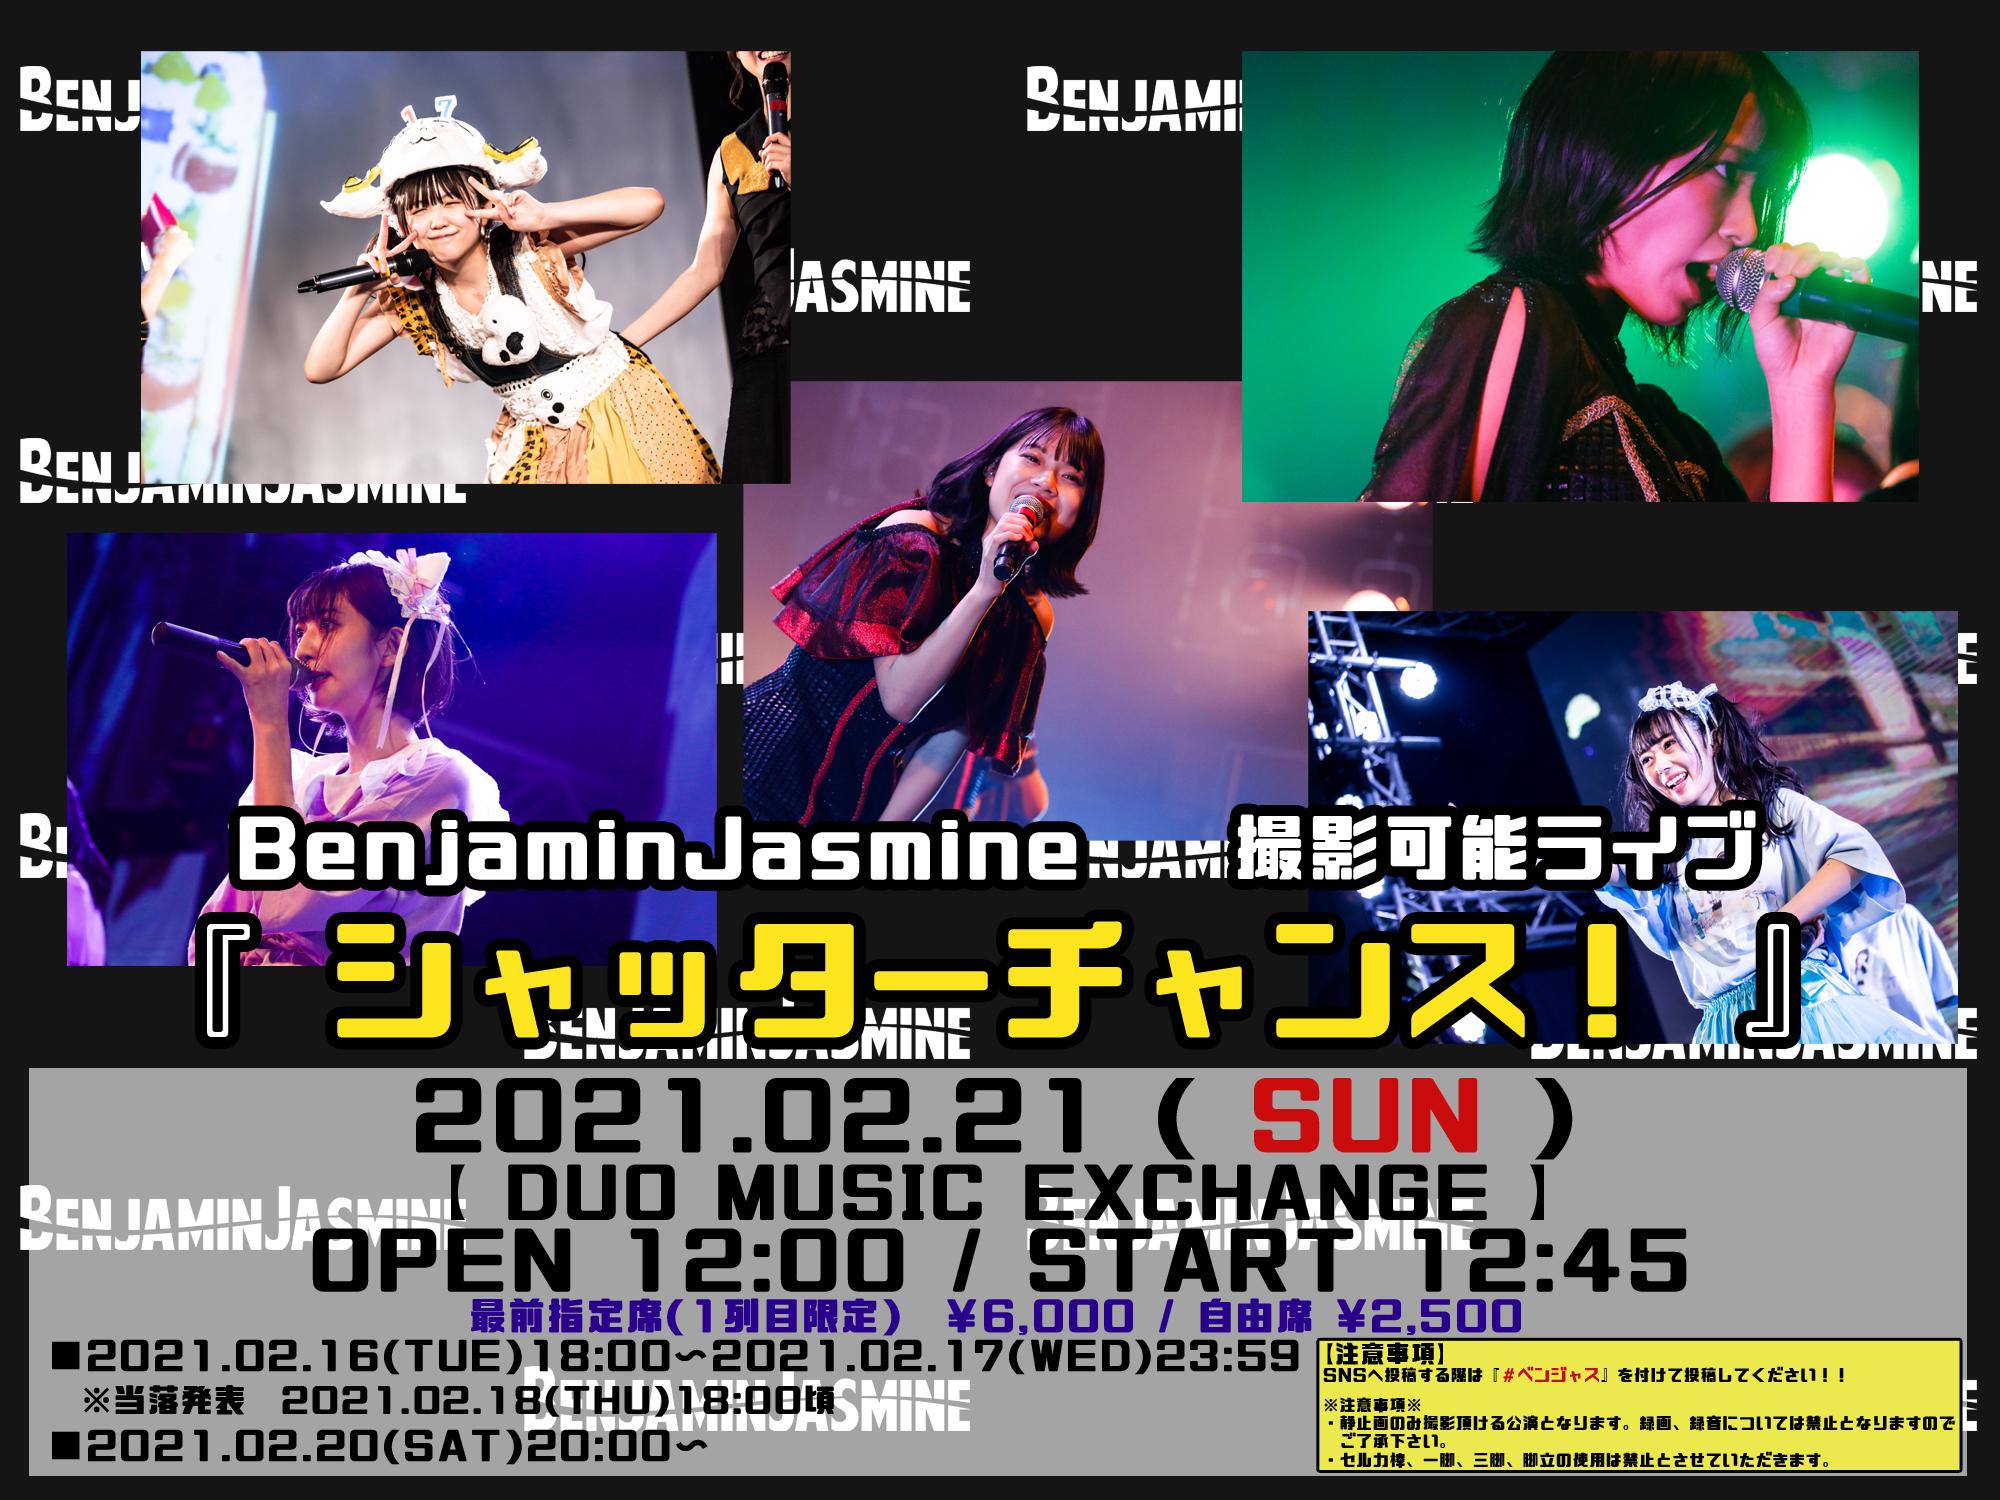 2月21日(日)BenjaminJasmine撮影可能ライブ『シャッターチャンス!』